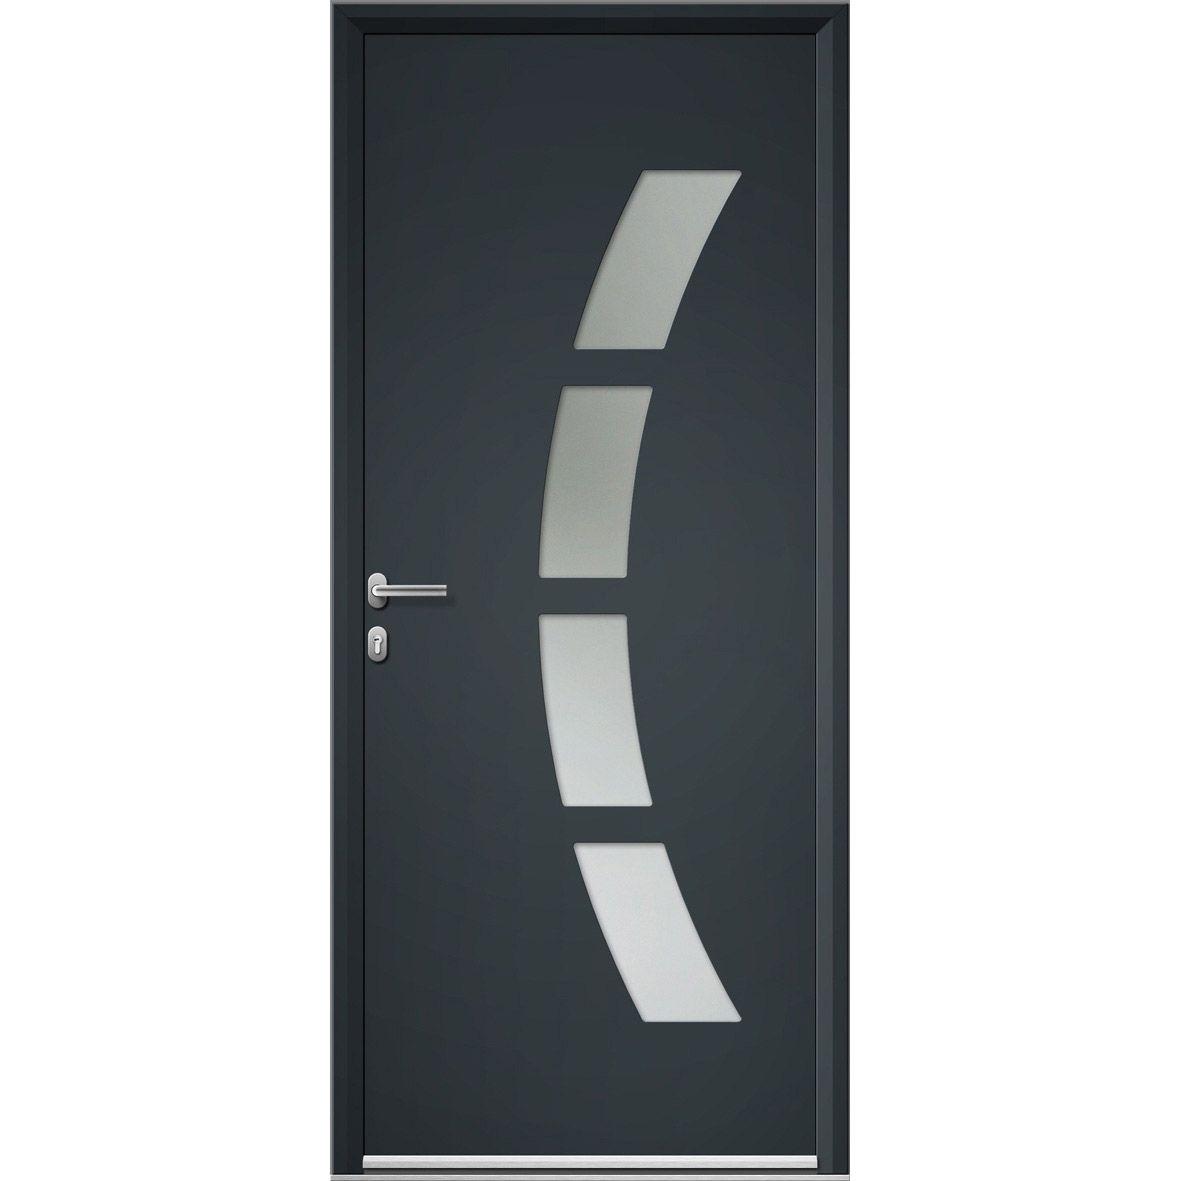 Porte Entree Maison Aluminium Toledo Artens Poussant Gauche H215 X L90cm Materiaux Menuiserie Por Porte D Entree Porte Entree Aluminium Porte Entree Maison